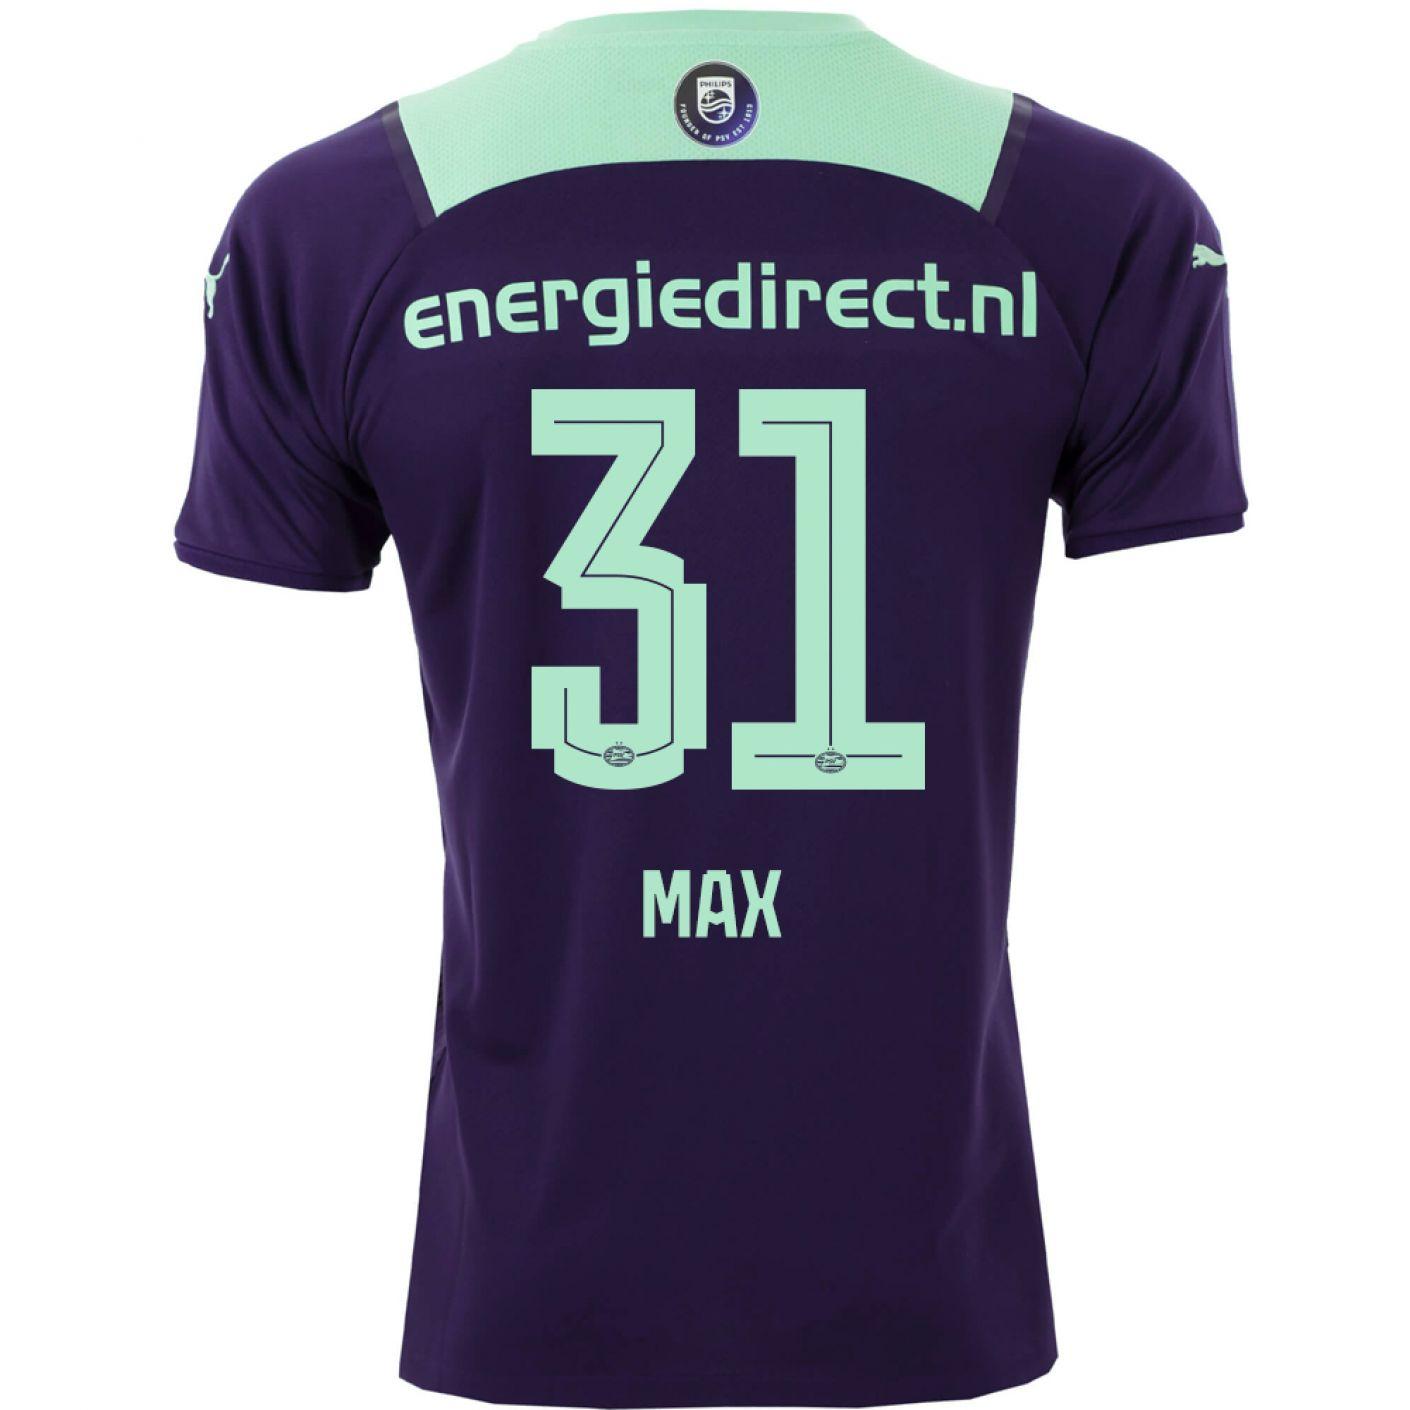 PSV Max 31 Uitshirt 21/22